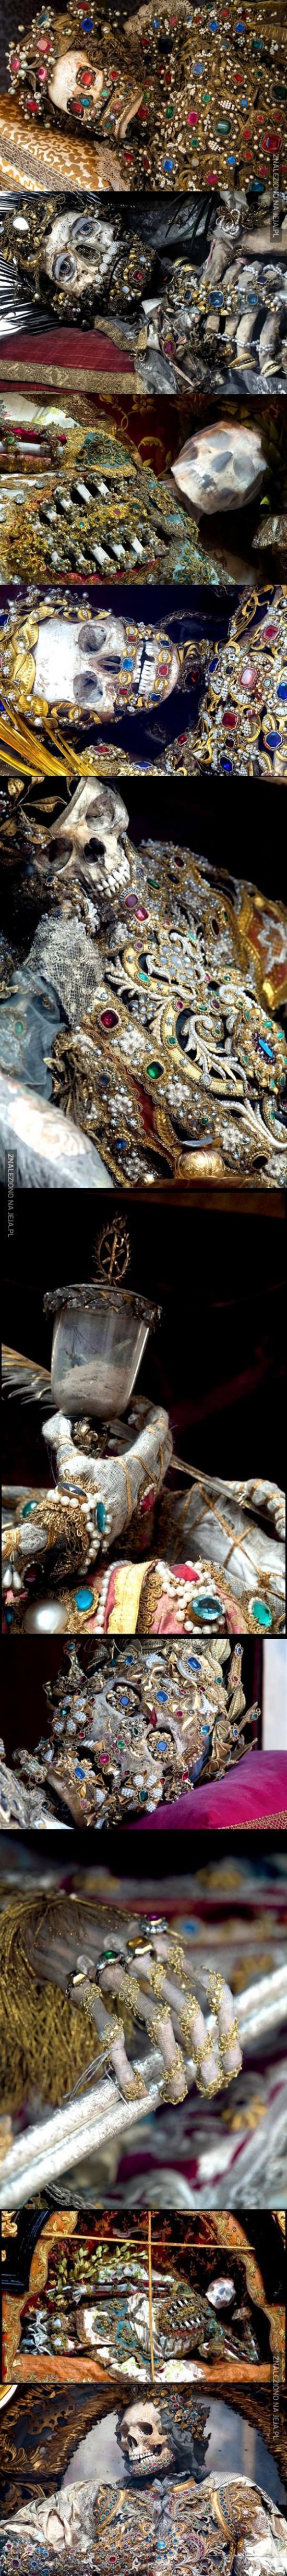 Szkielety odnalezione w rzymskich katakumbach